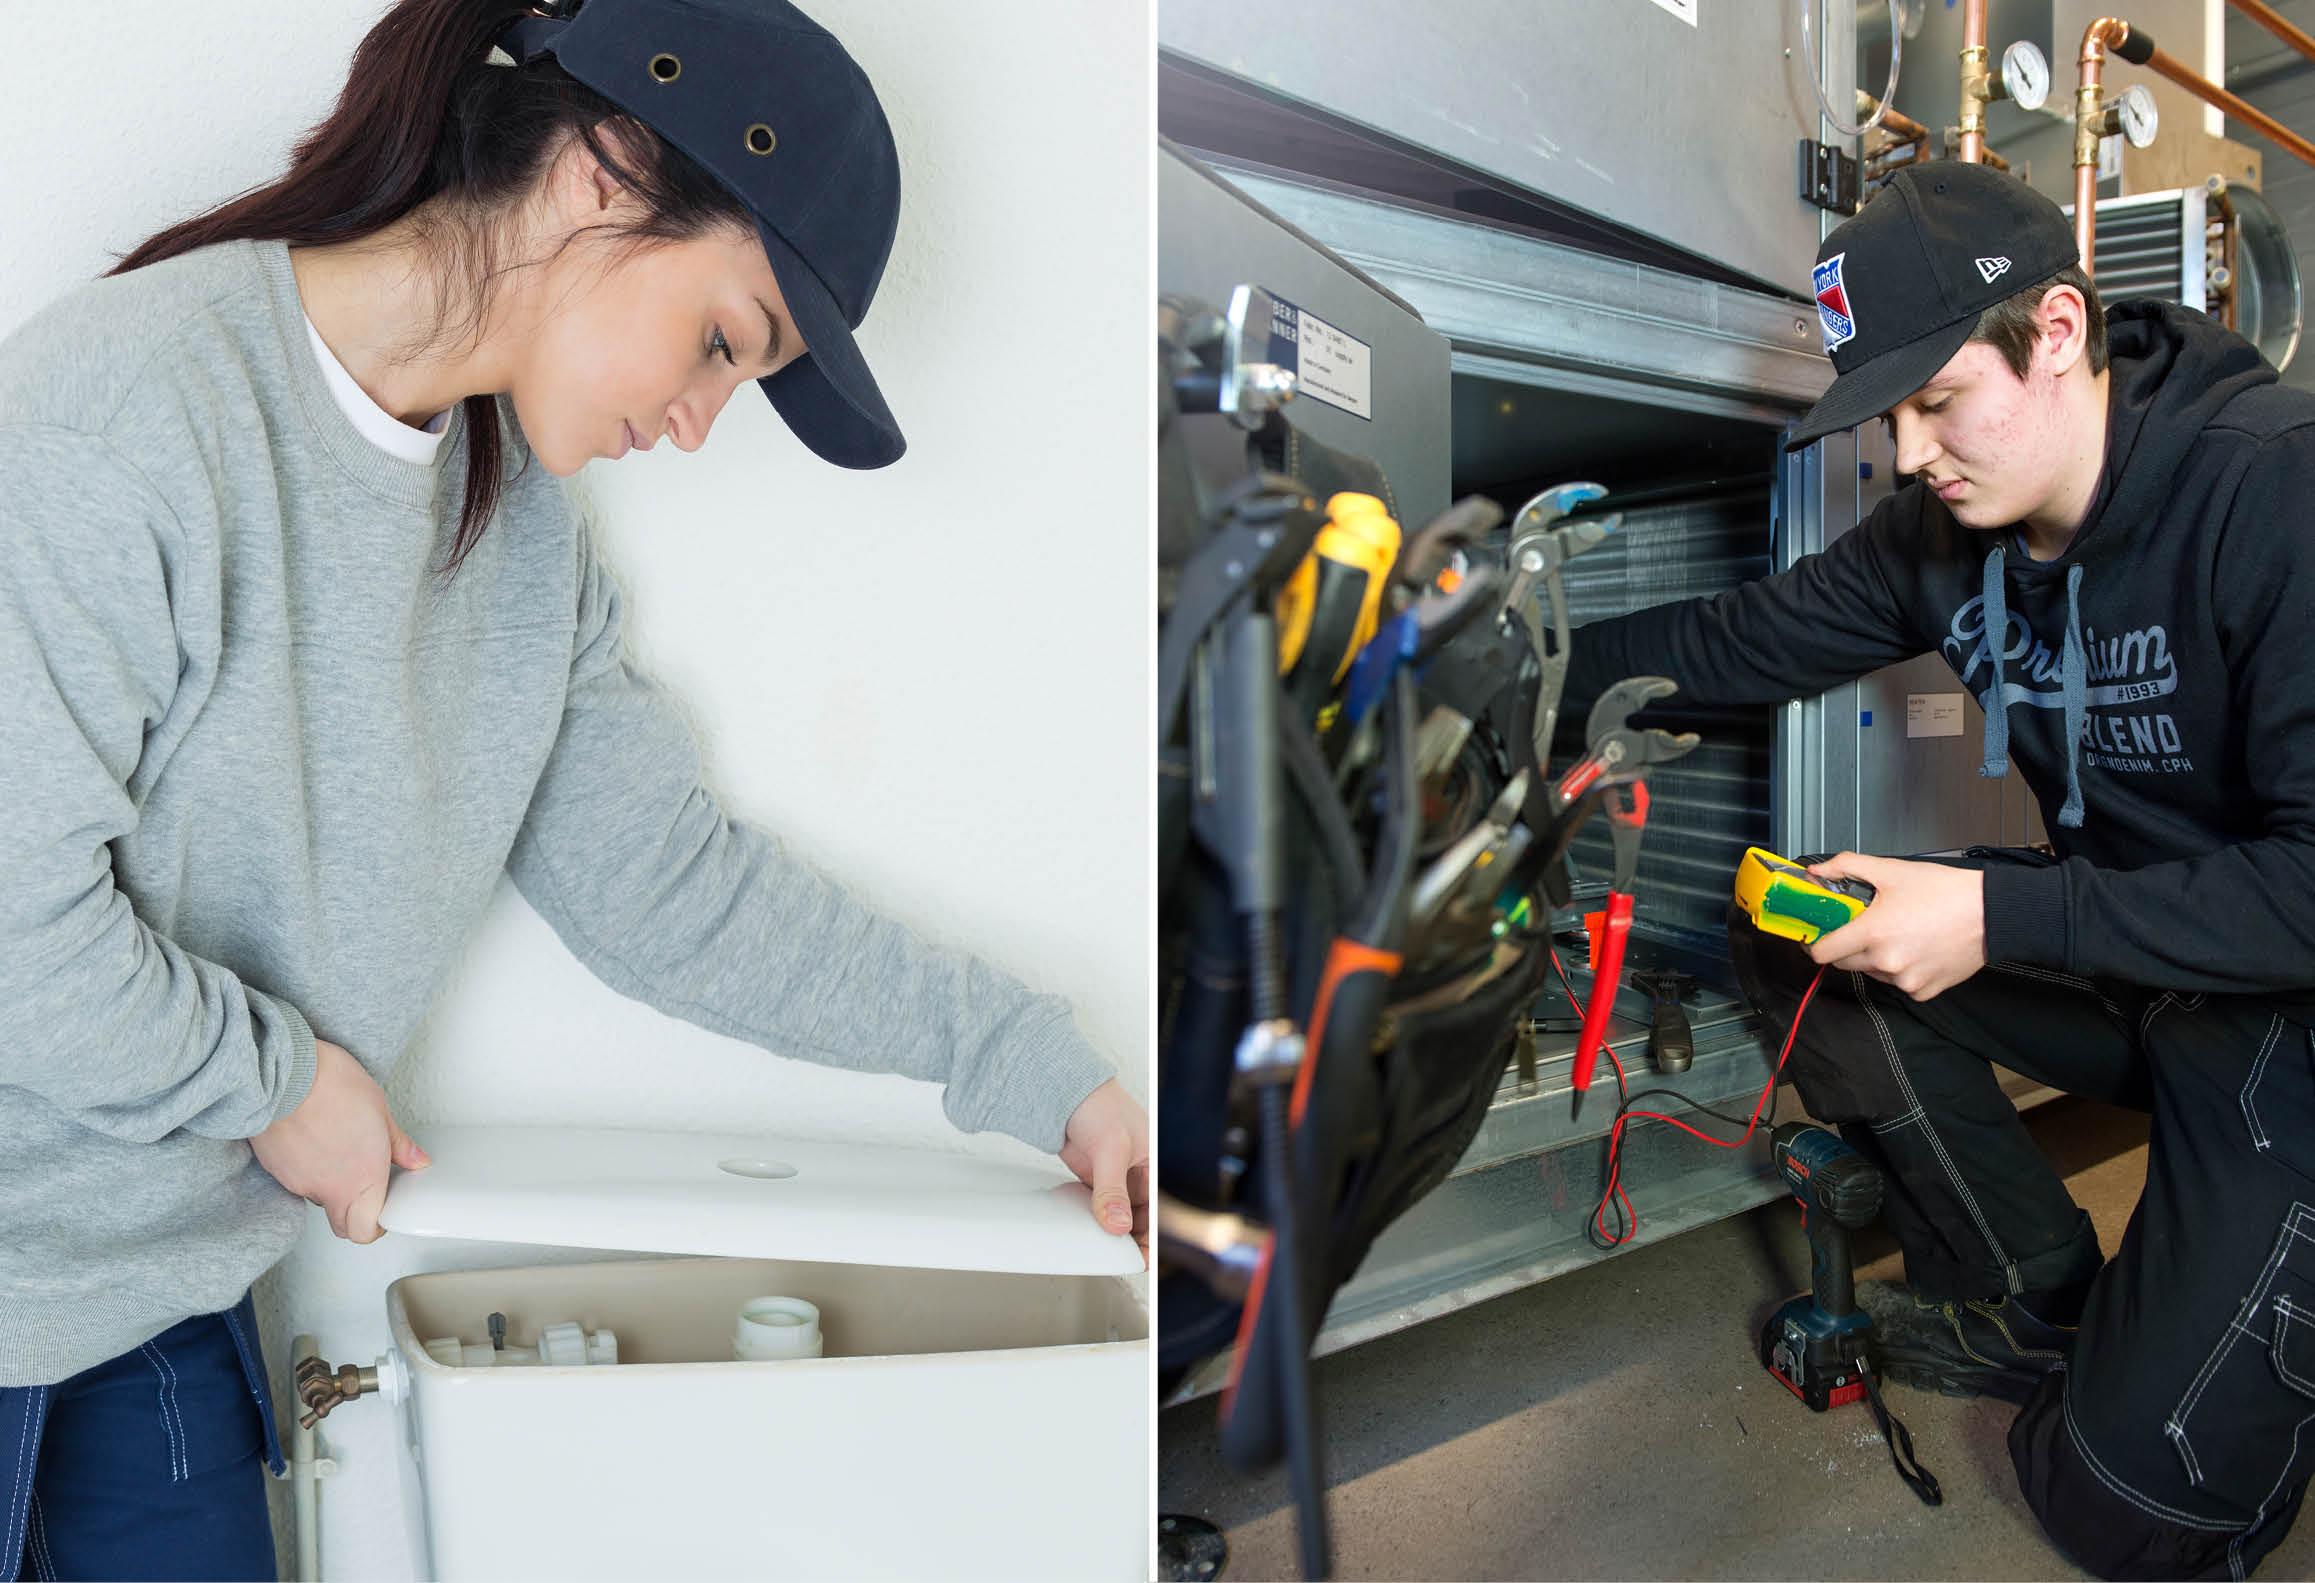 Vänster bild visar elev som monterar wc-stol. Höger bild visar elev som mäter i ventilationsskåp